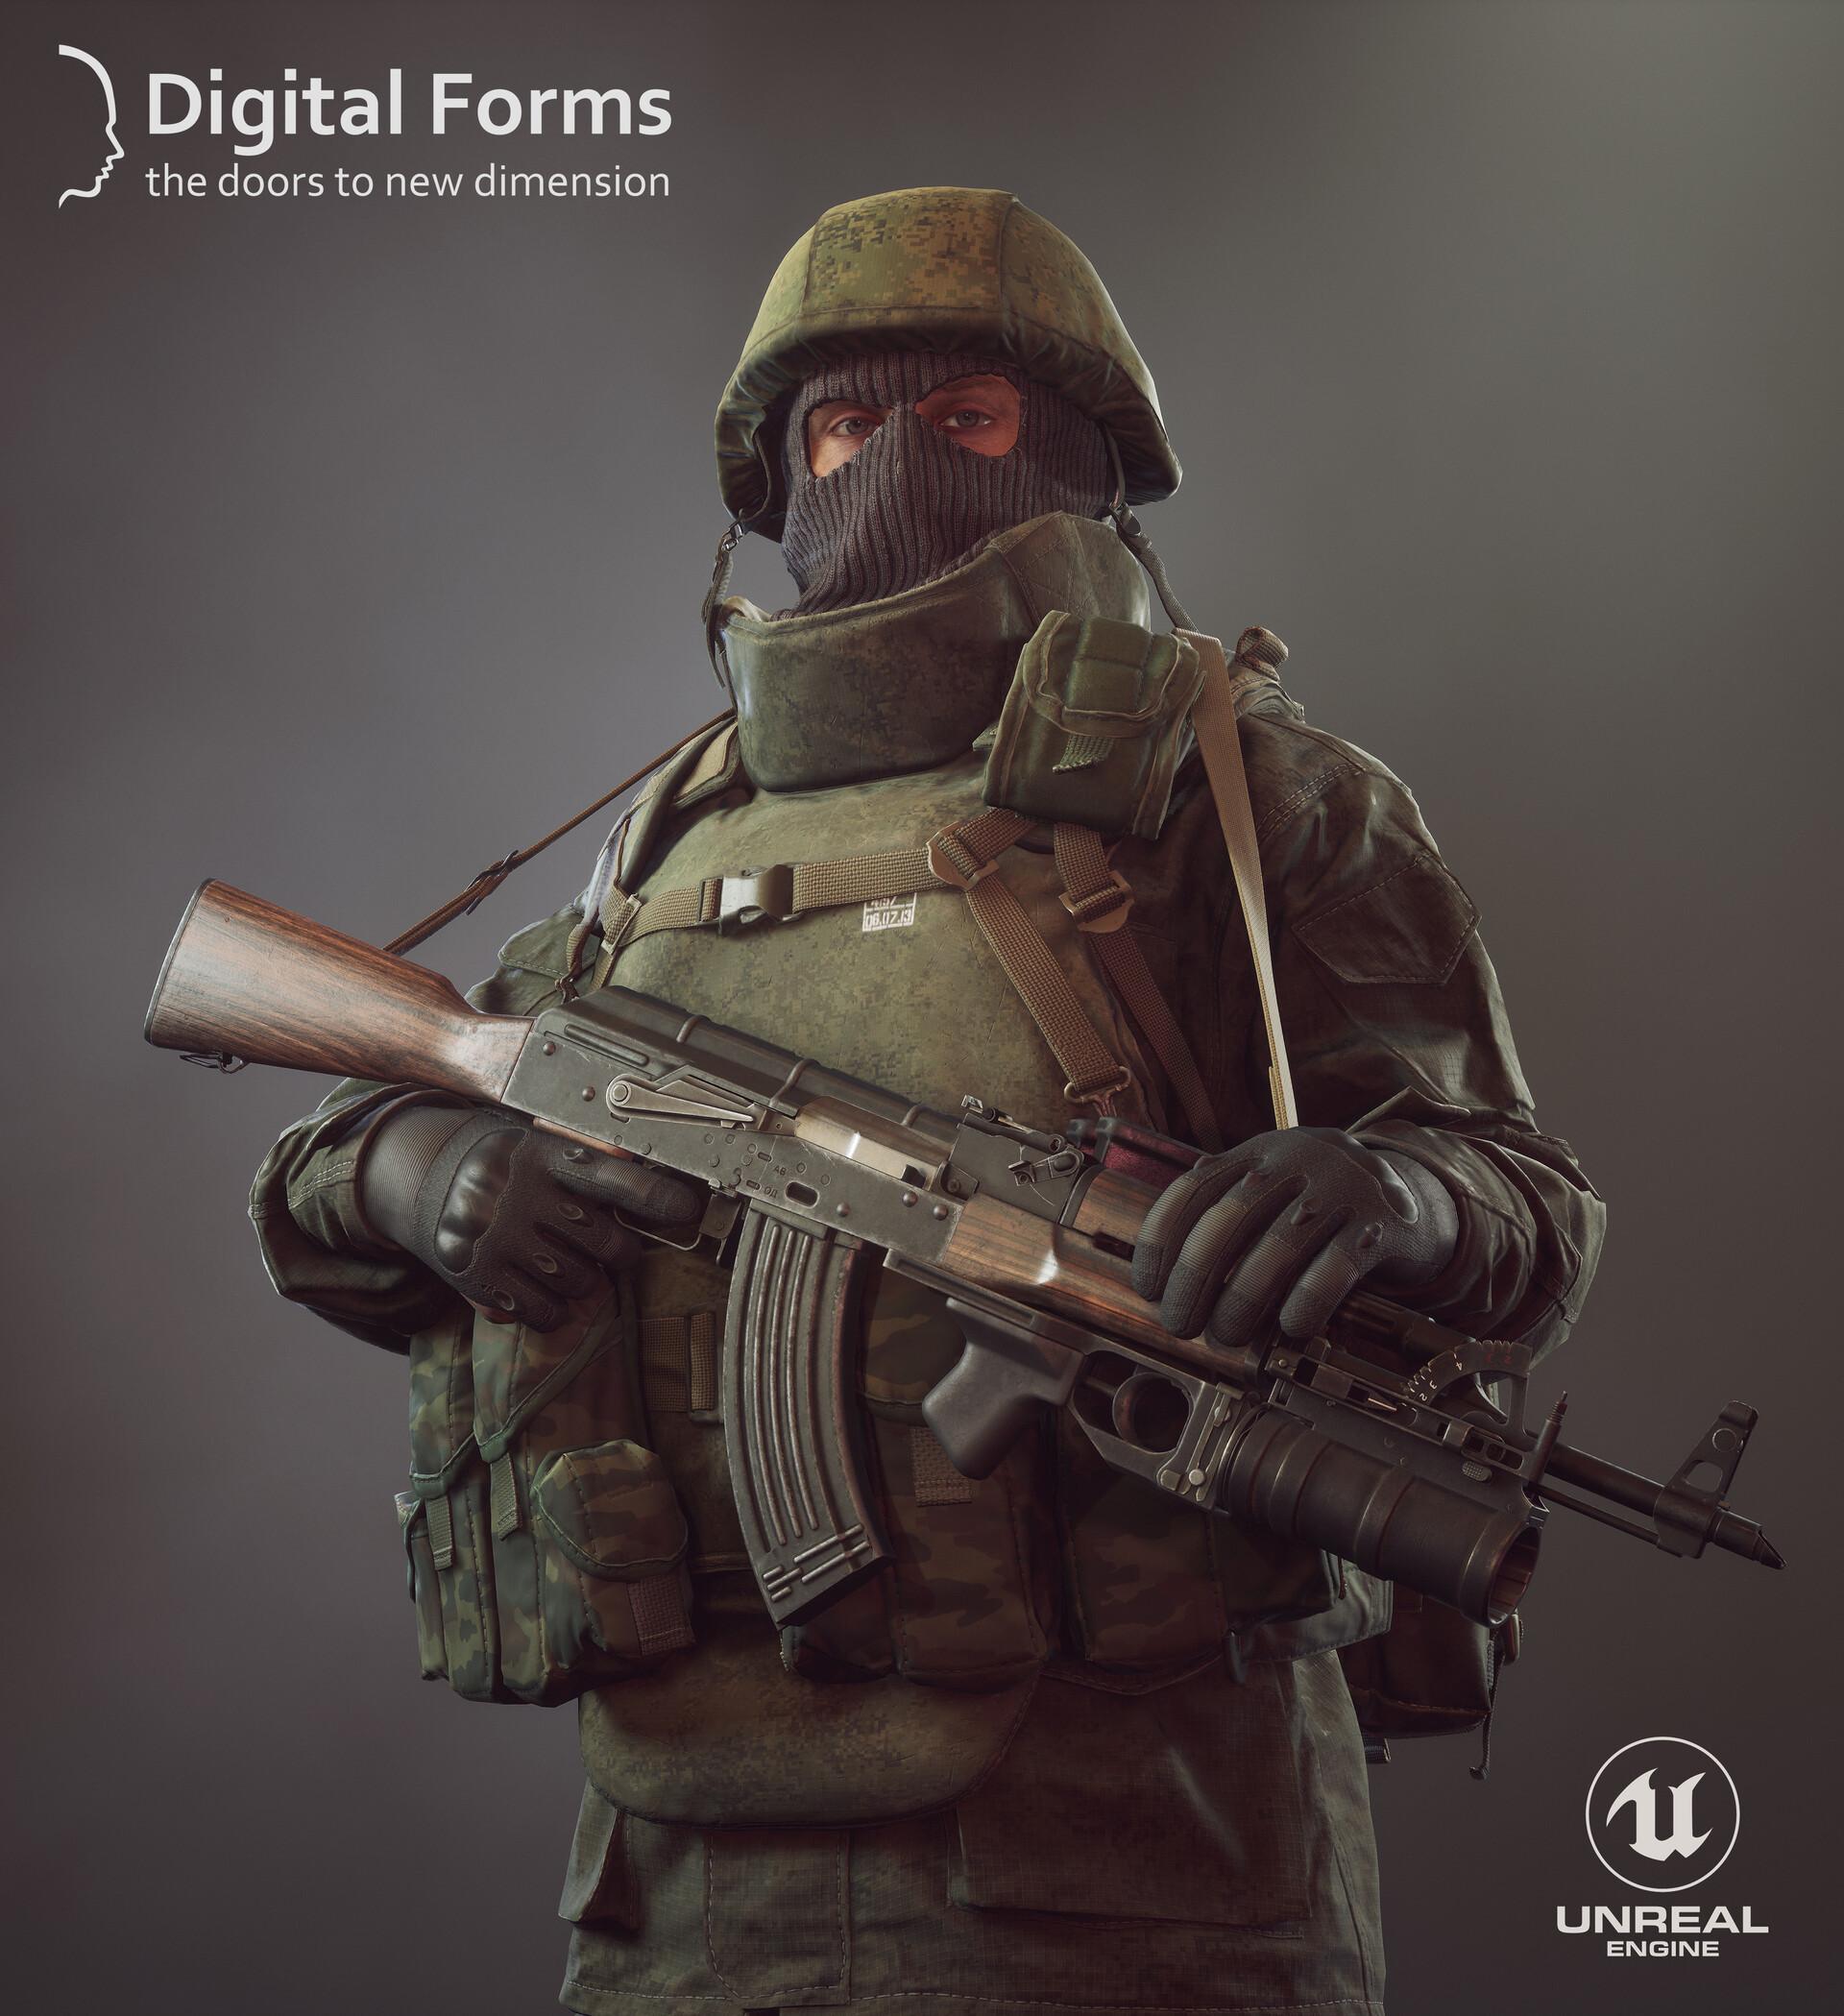 Digital forms midleplane 02